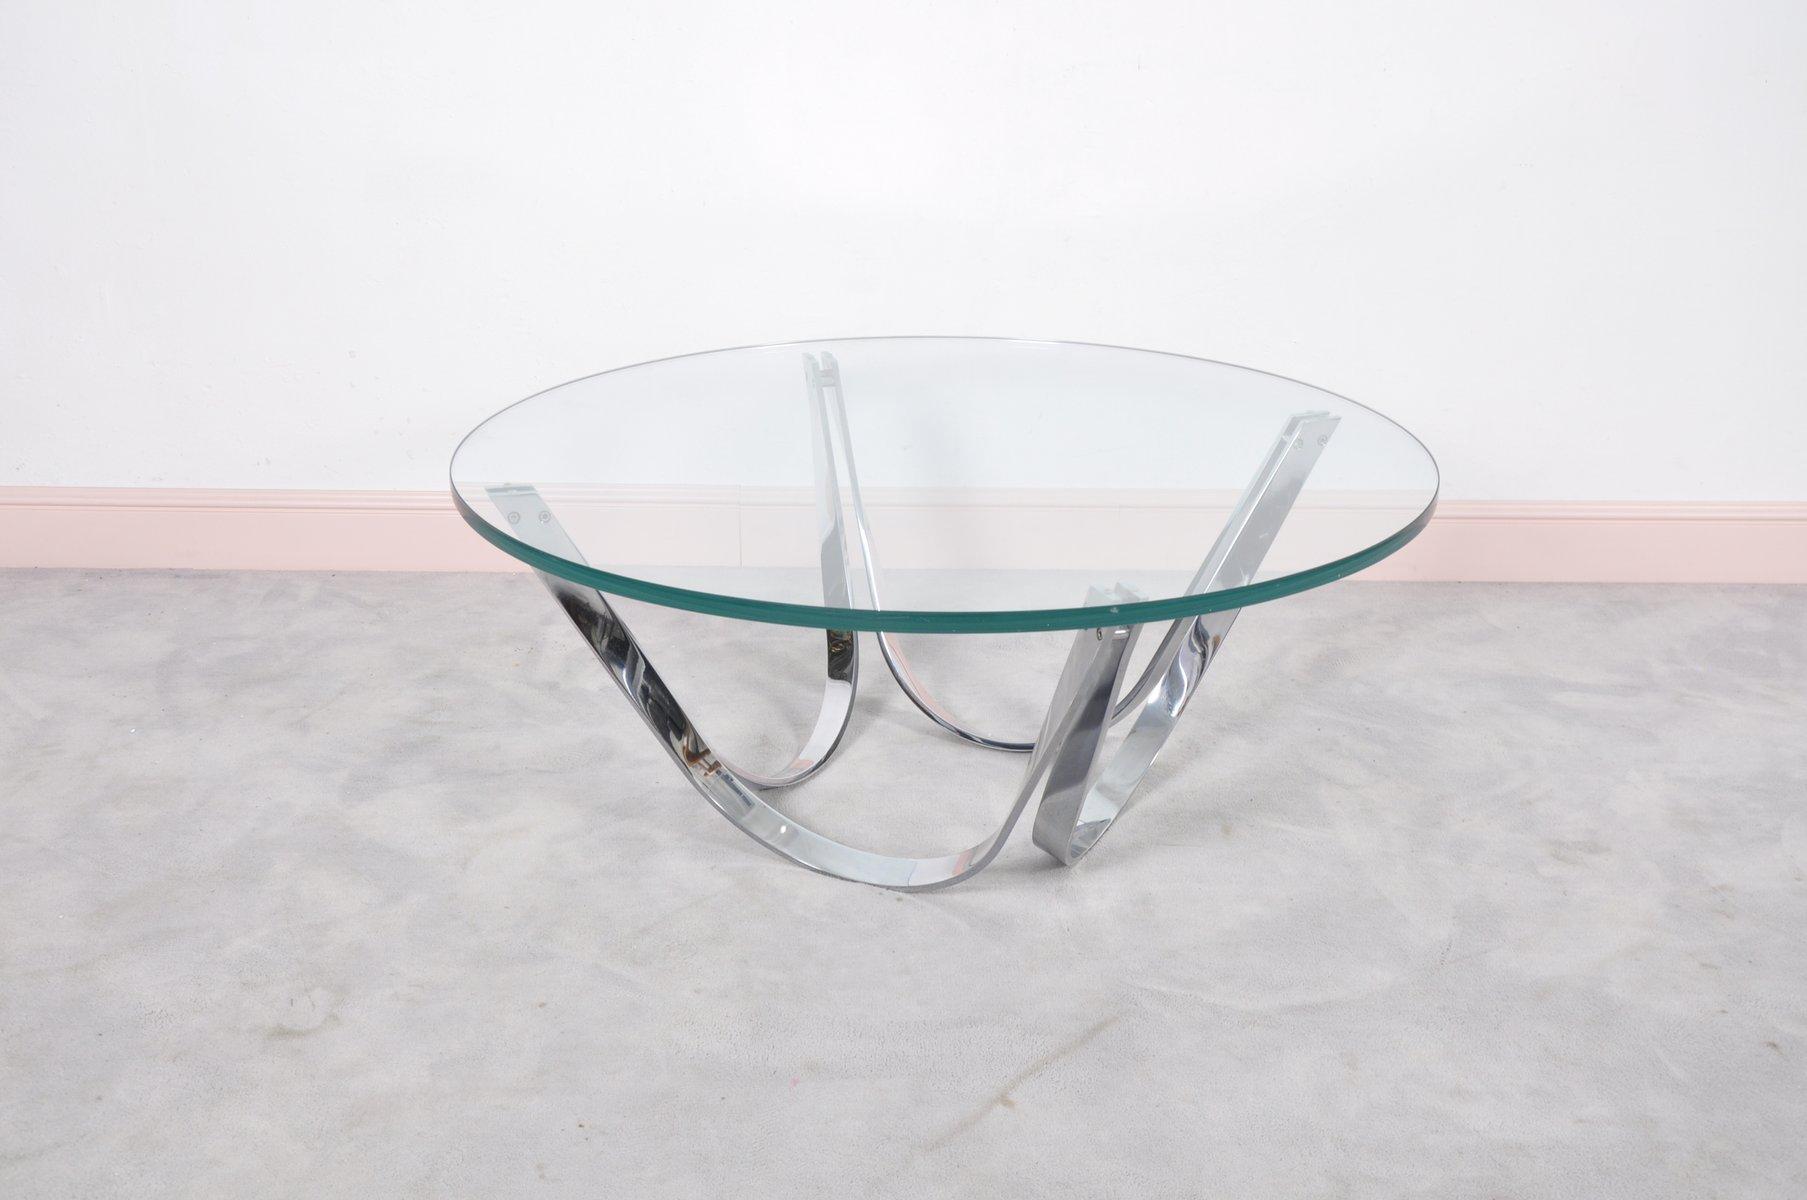 Runder glas couchtisch von roger sprunger f r dunbar for Runder couchtisch glas